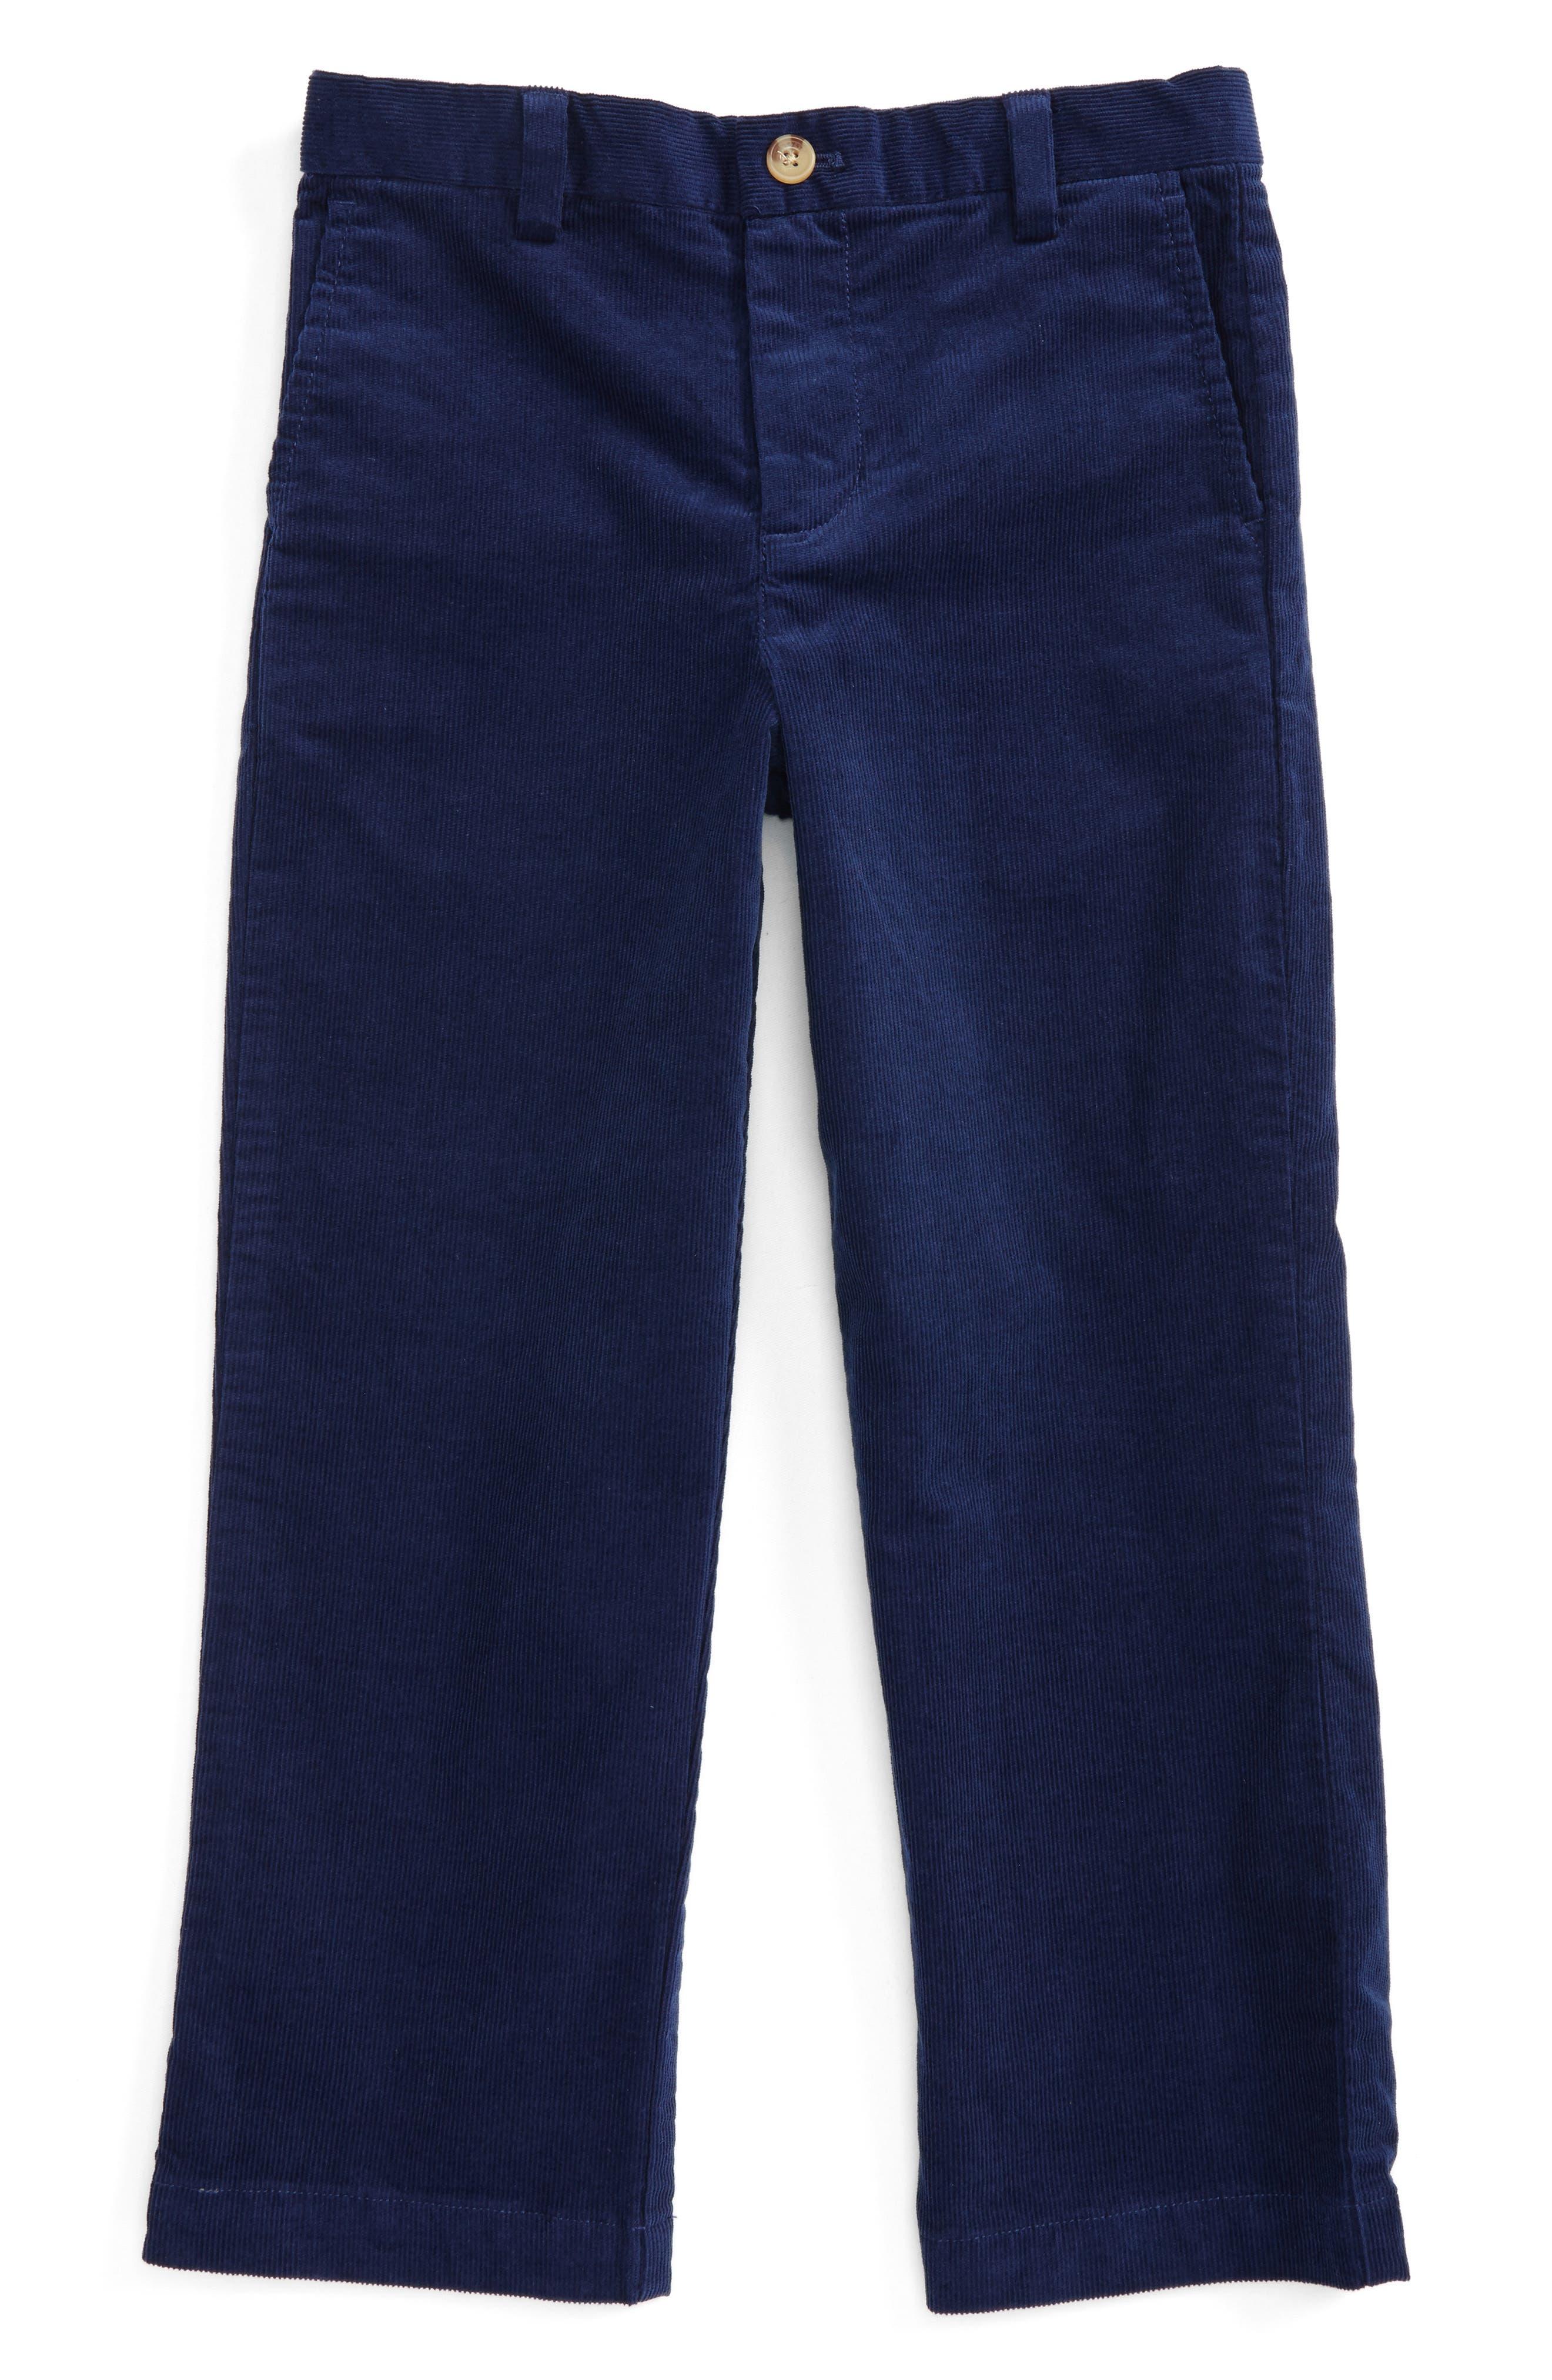 Breaker Corduroy Pants,                             Main thumbnail 1, color,                             Deep Bay